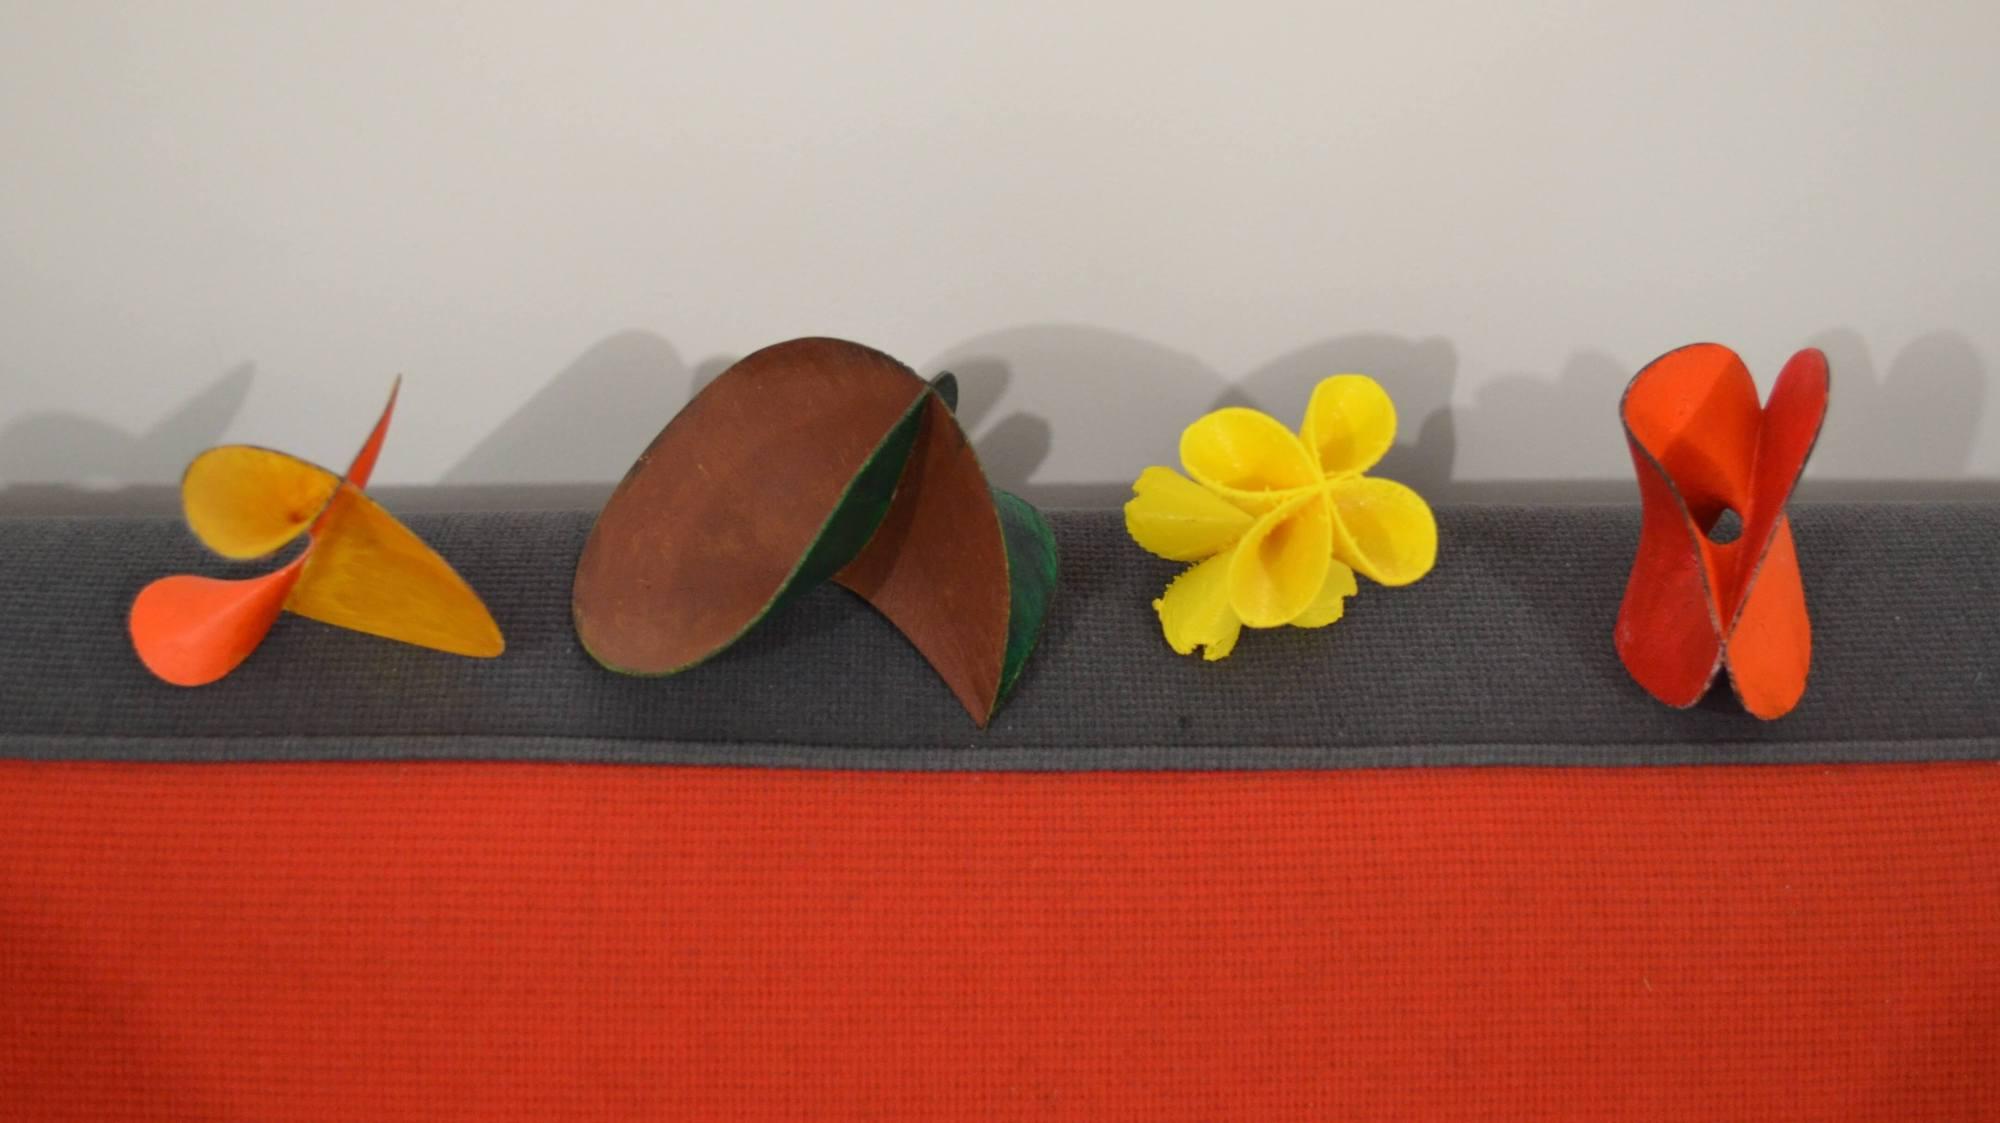 Photographie de quatre modèles de surfaces algébriques imprimées en 3D